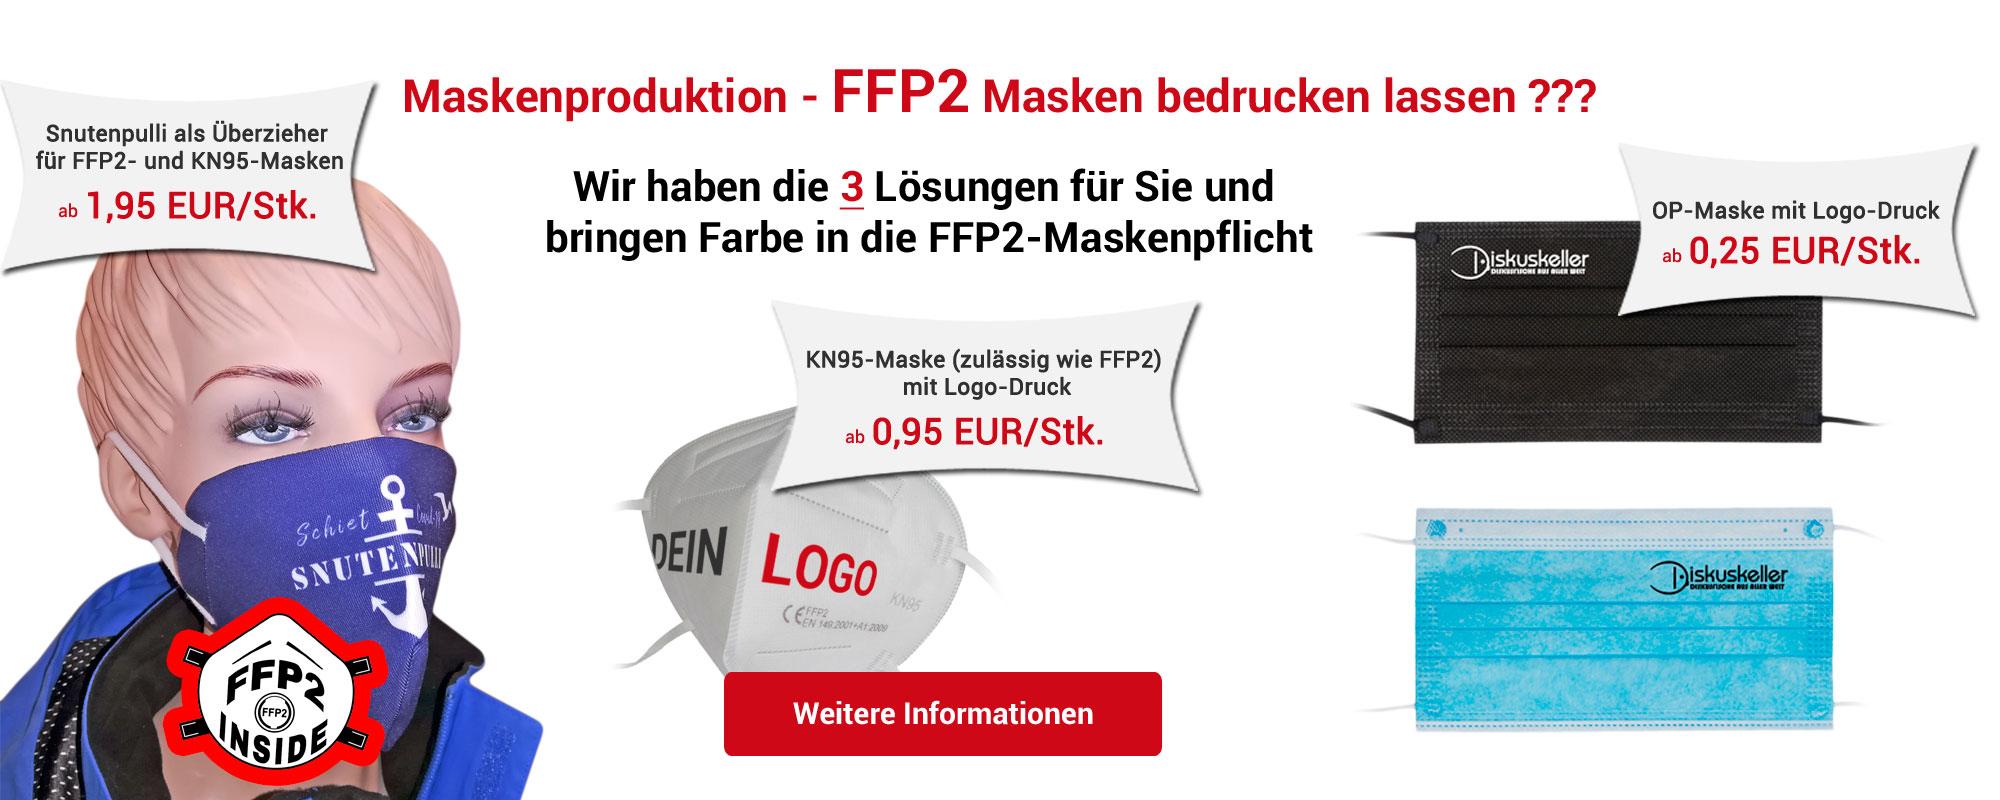 FFP2 Masken bedrucken lassen